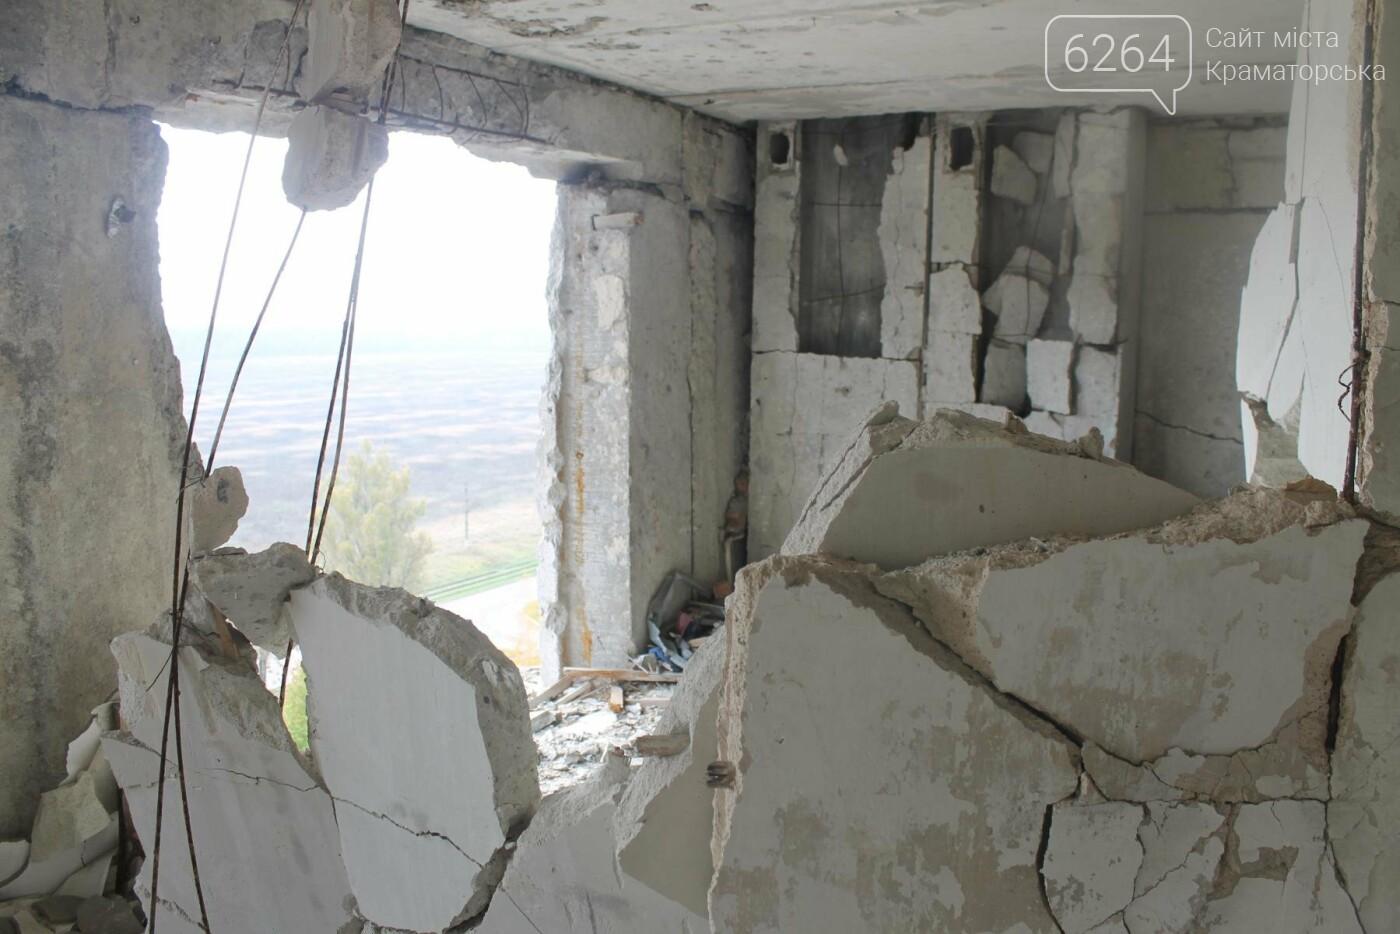 Необъявленная война глазами очевидцев: Легенды Авдеевки,  ставшие роком для ее местных жителей, фото-15